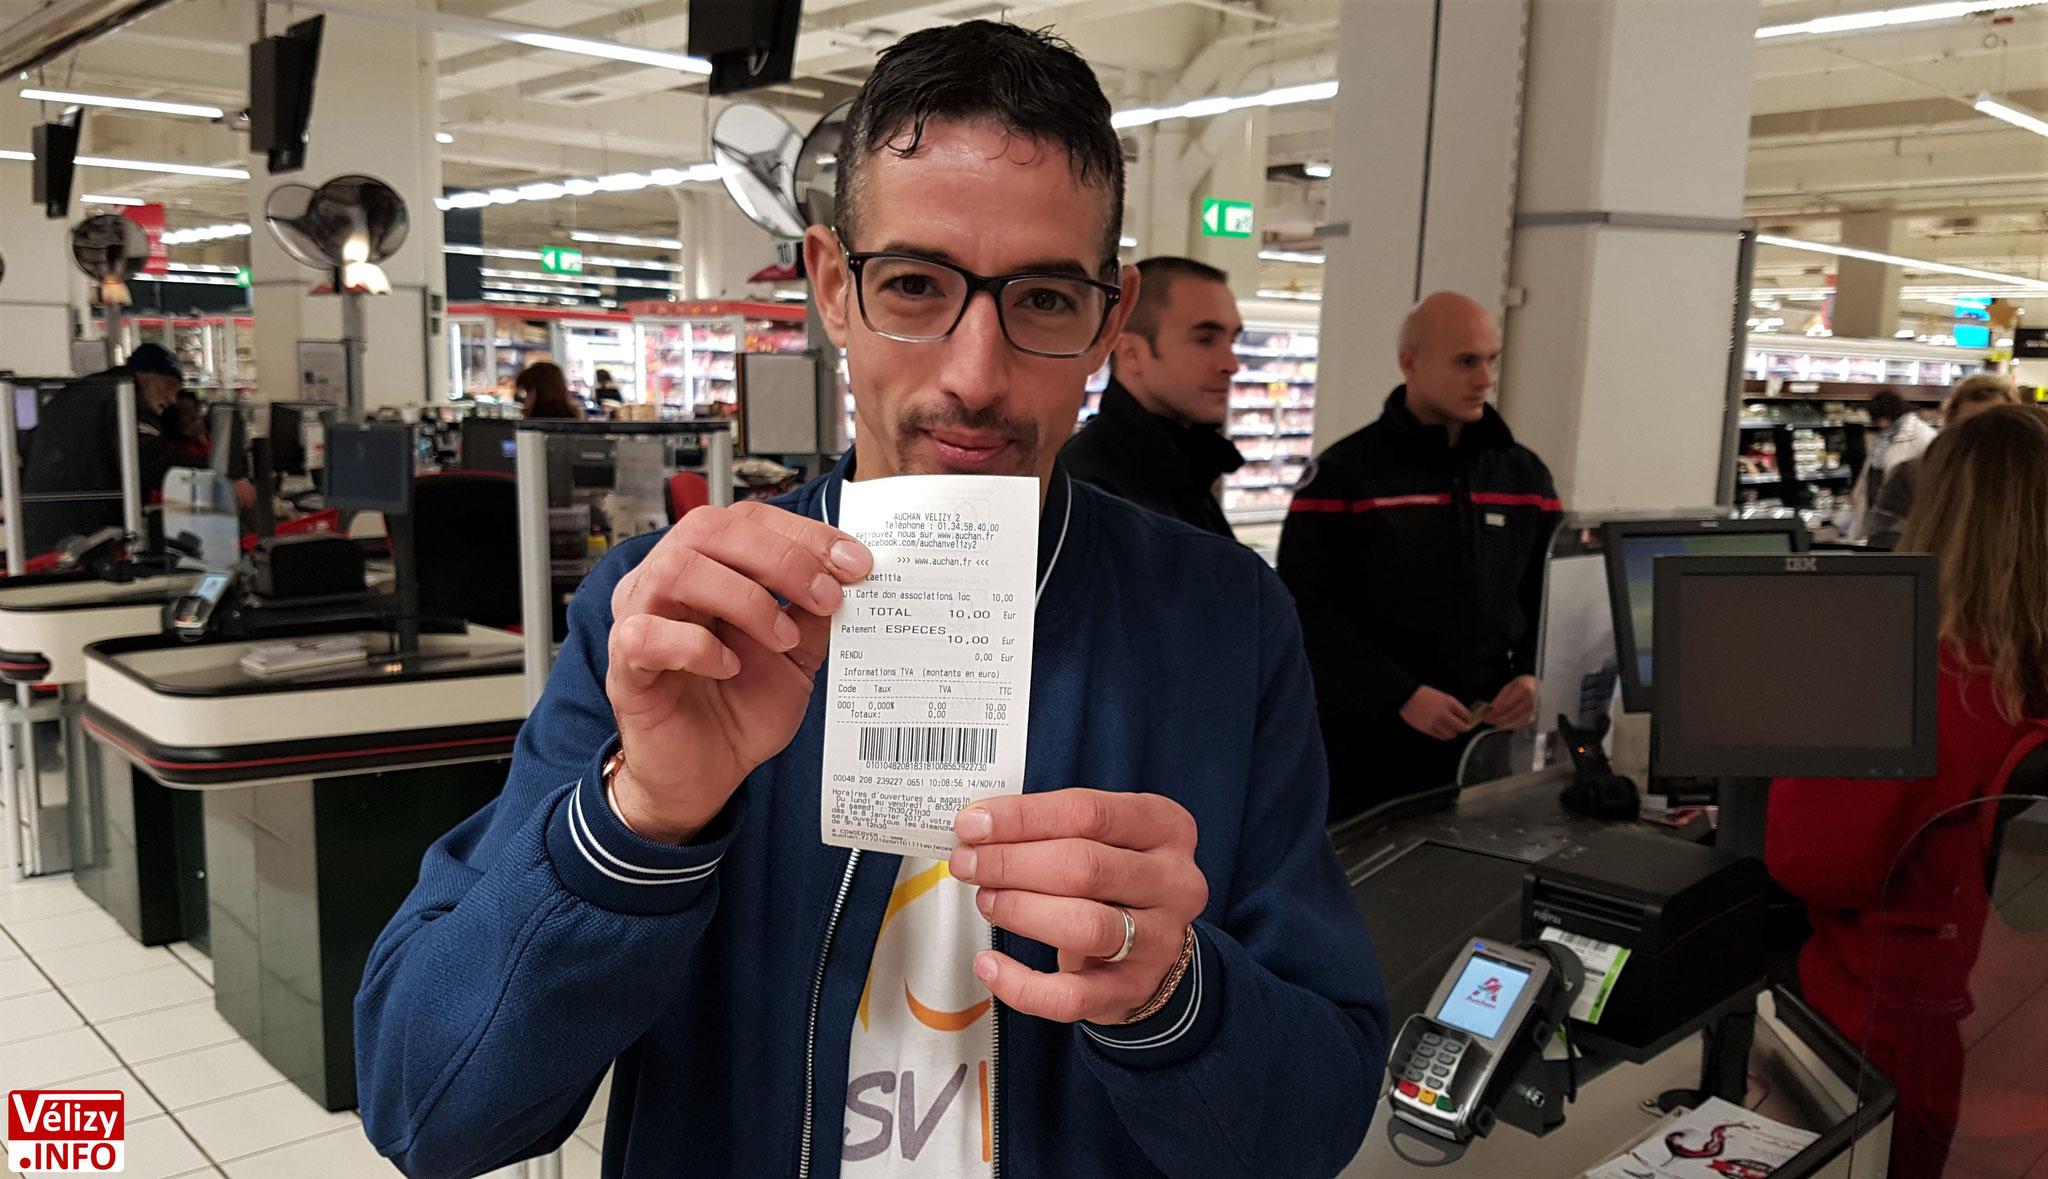 Rachid Farid présente un ticket de caisse Auchan sur lequel figure un don.